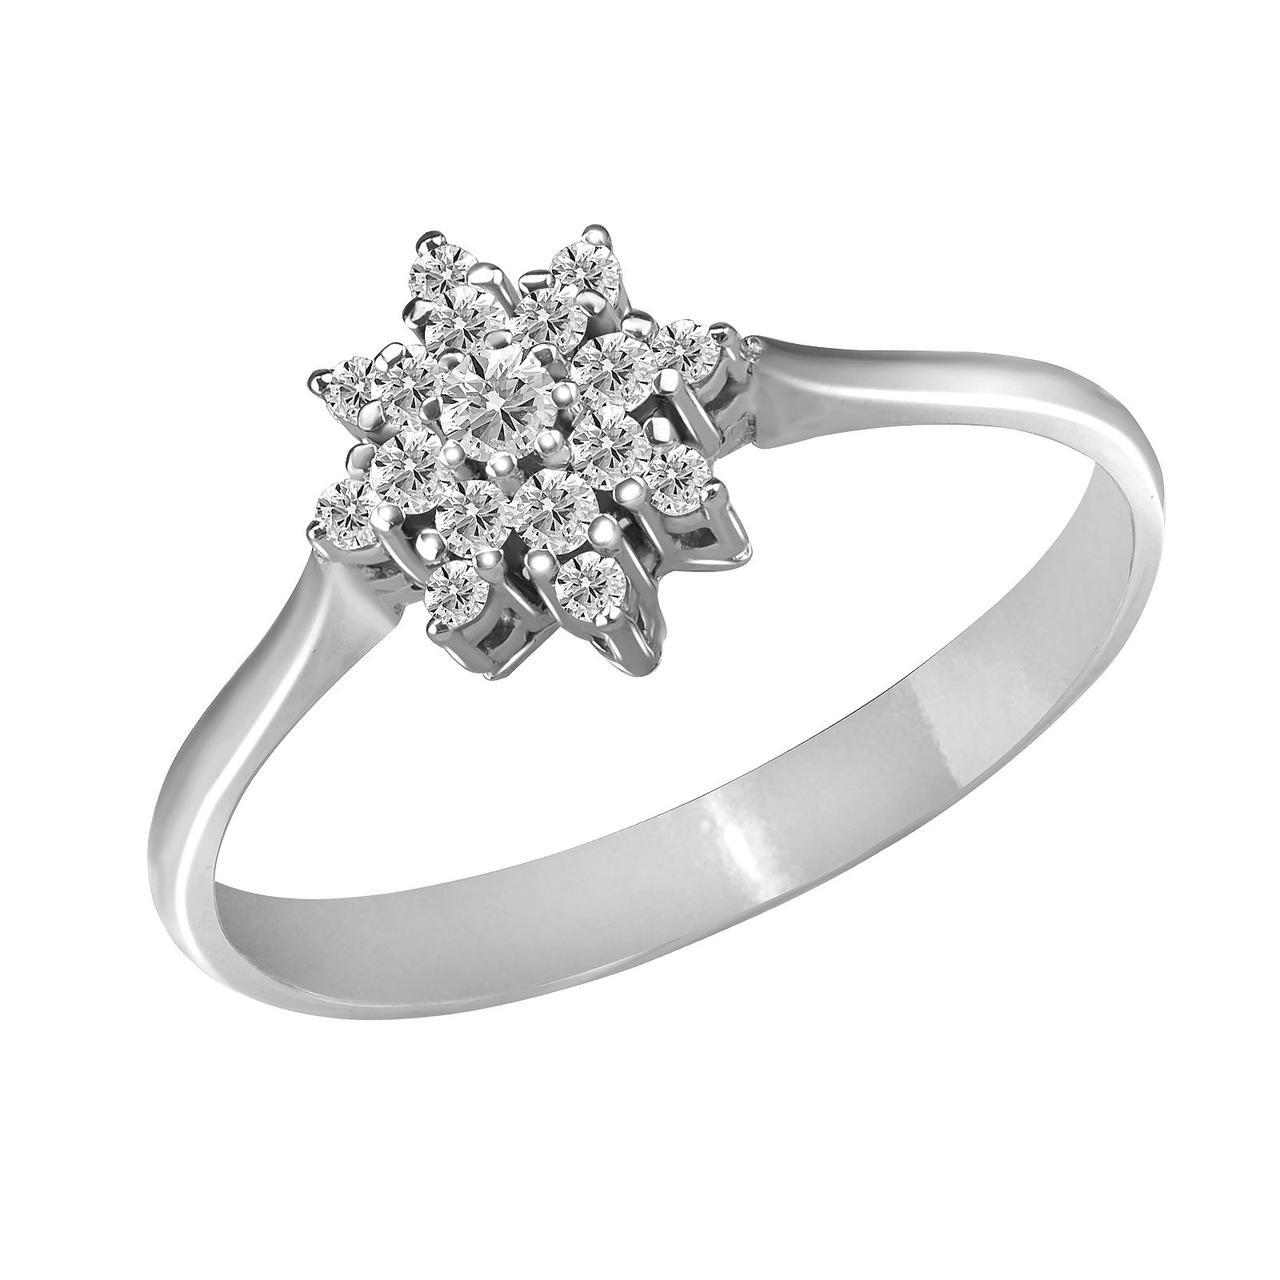 Золотое кольцо с бриллиантами, размер 16.5 (885130)